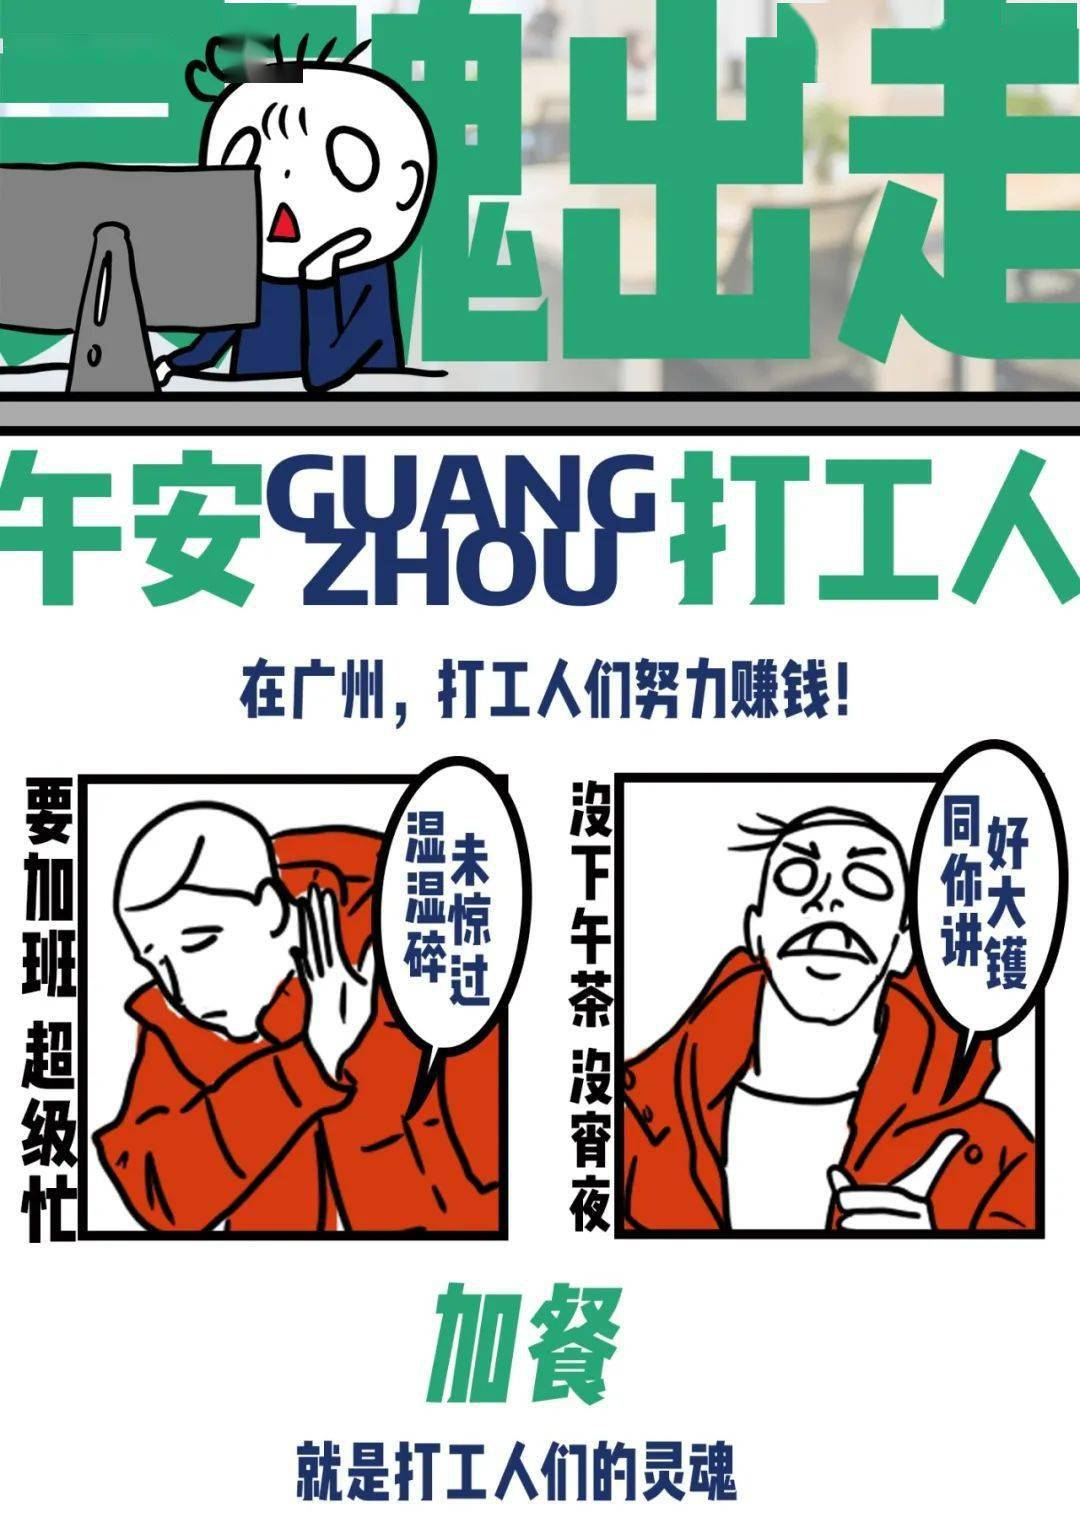 广州打工人,不加油!想加餐!